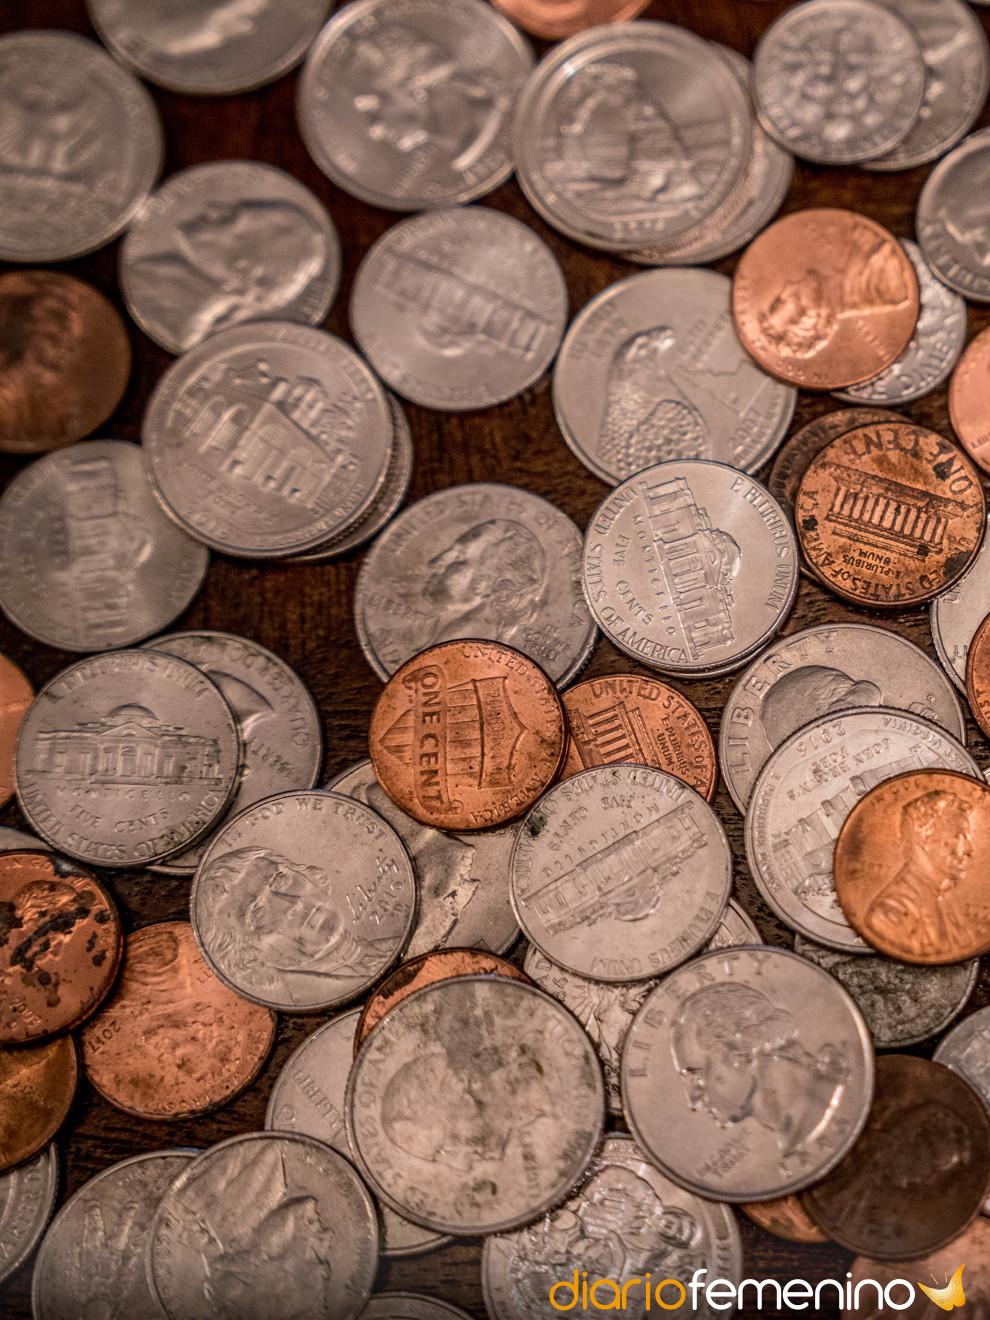 Otros sueños que predicen infidelidad: soñar con monedas